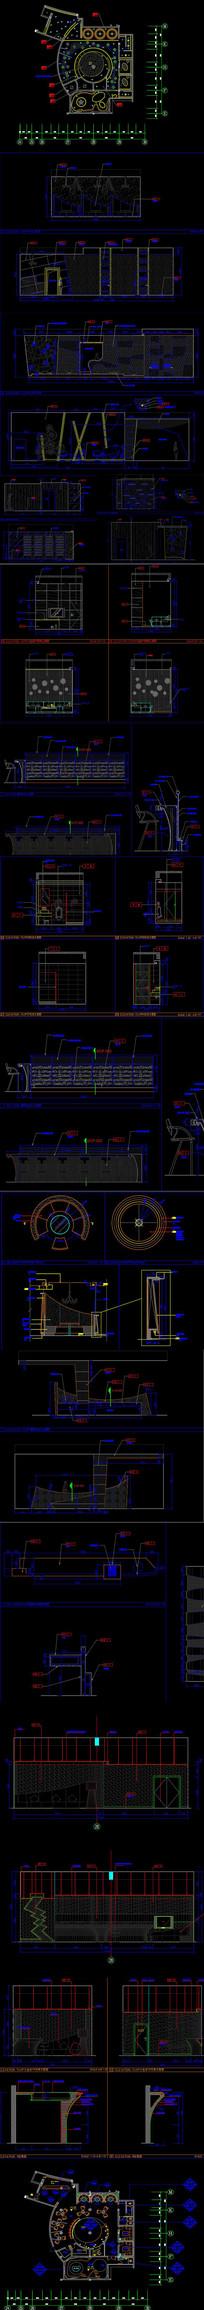 娱乐会所CAD平面图 dwg